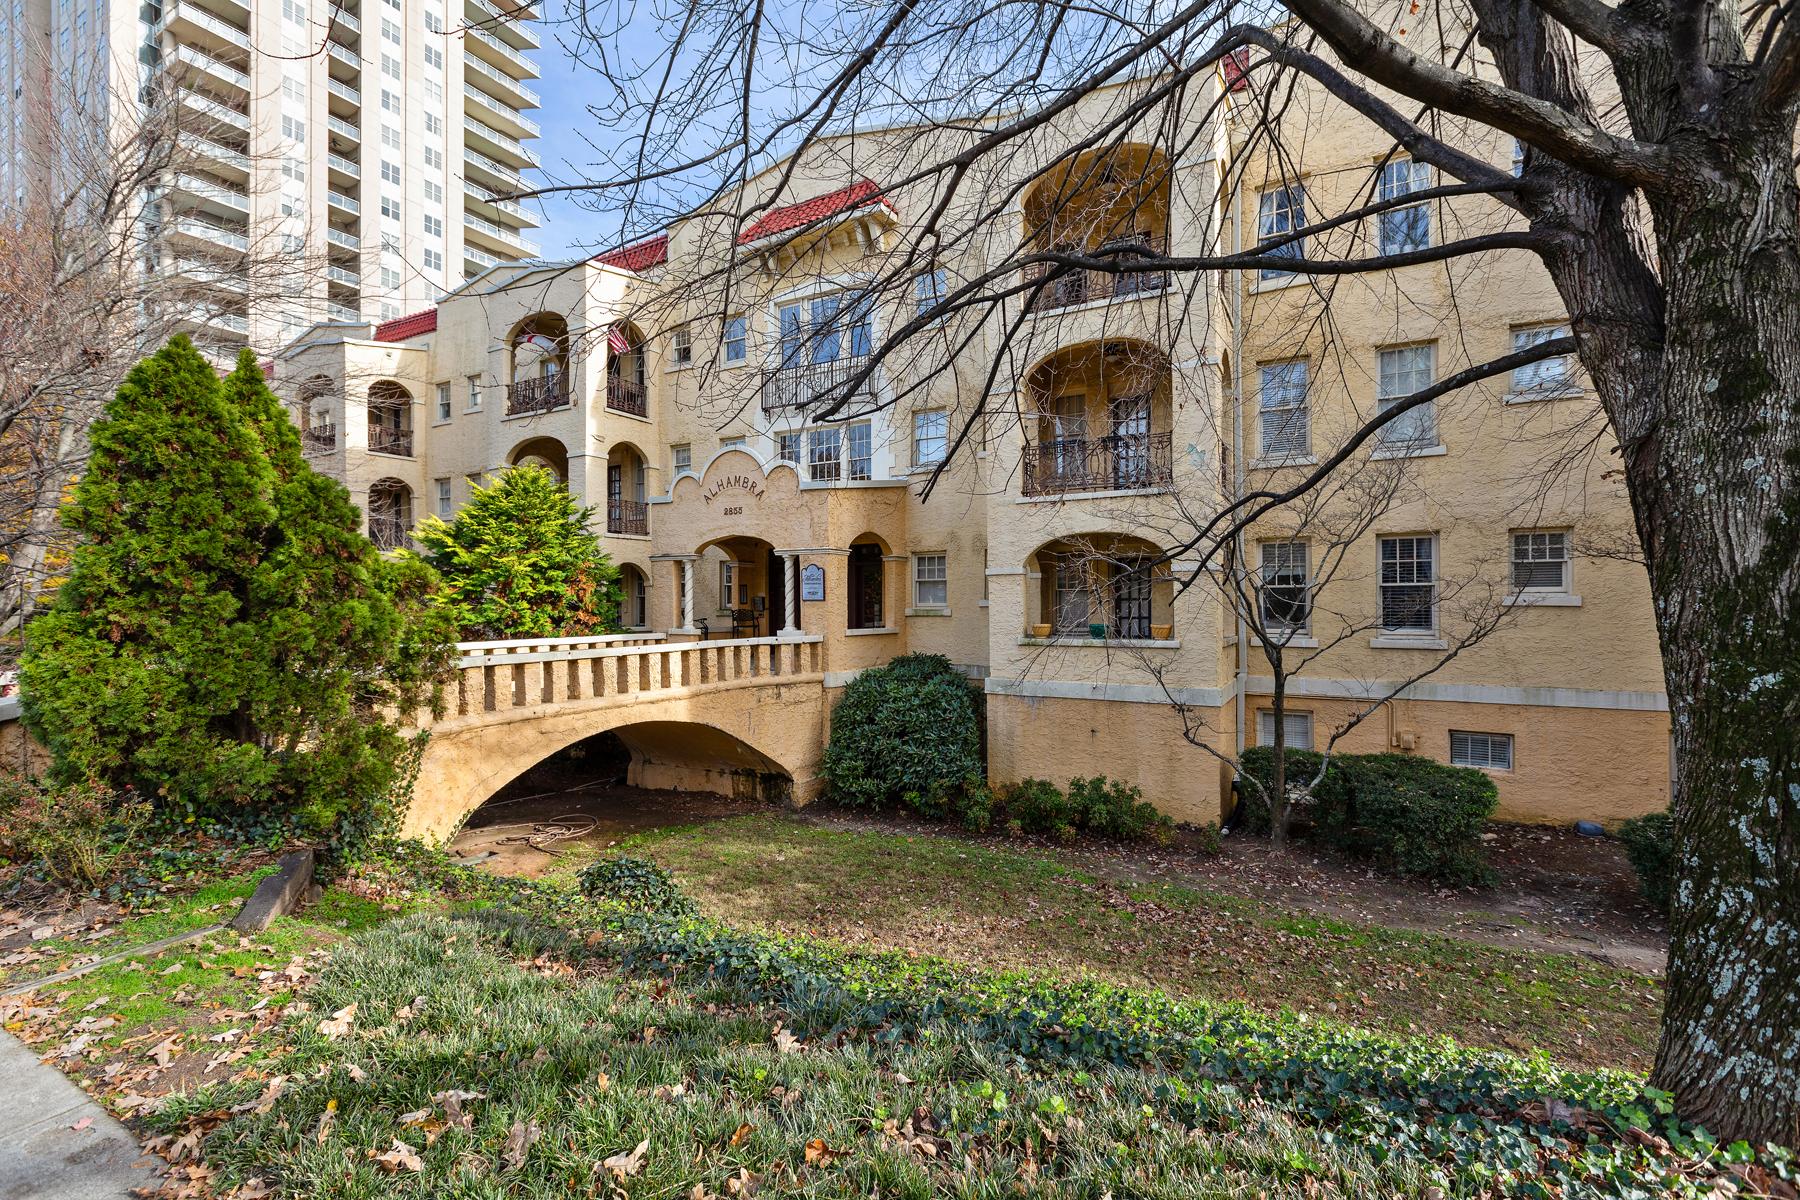 Great Opportunity In Historic Alhambra Condo Building 2855 Peachtree Rd 314 Atlanta, Georgia 30305 Stati Uniti